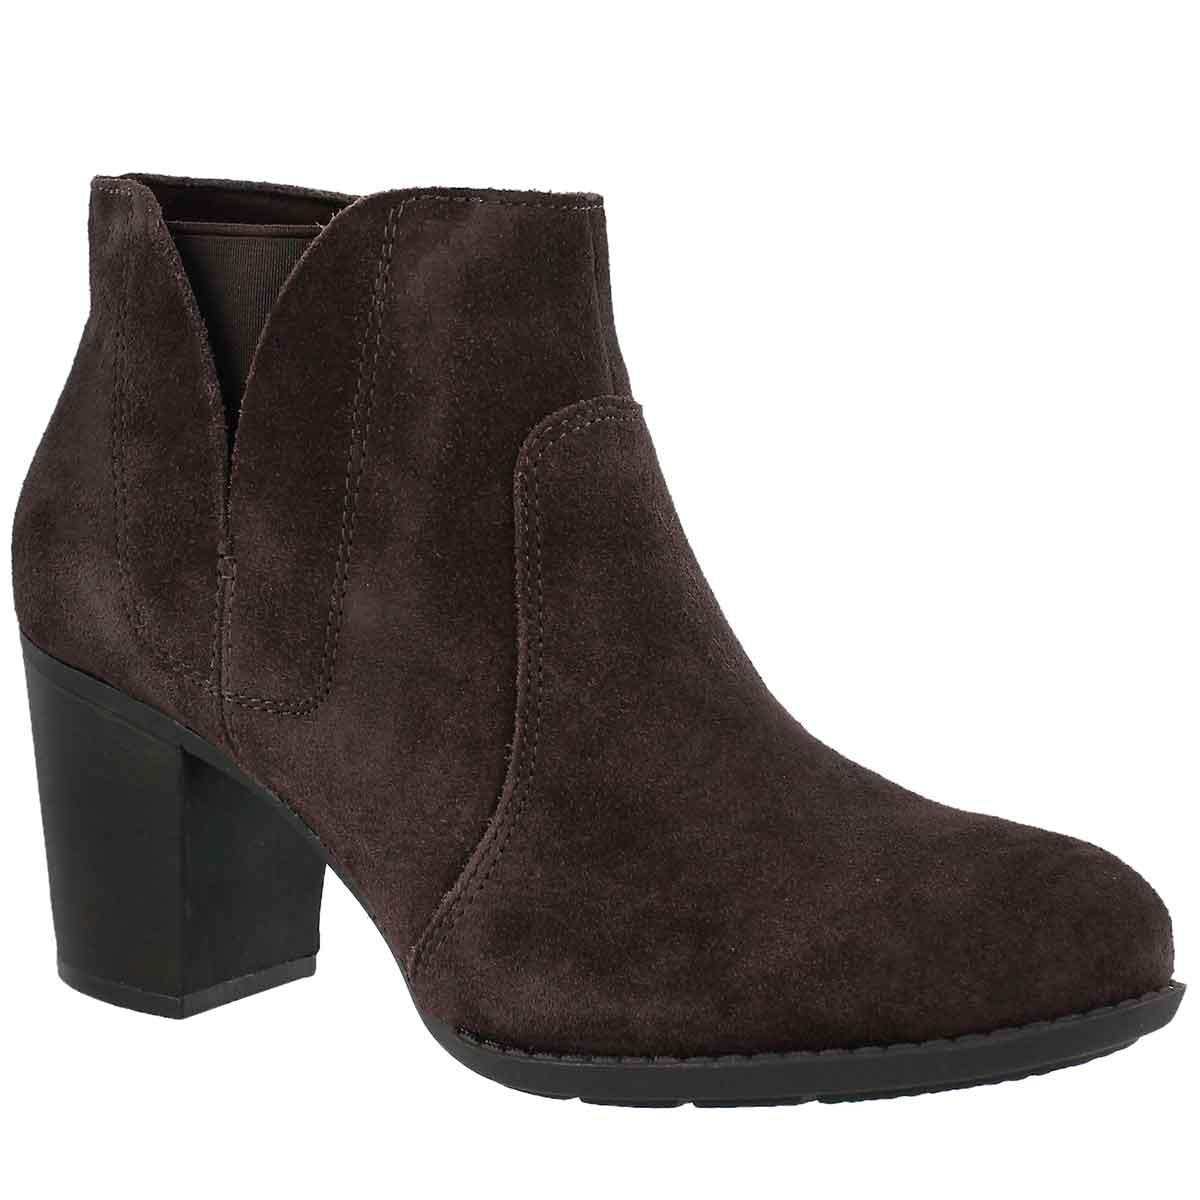 Lds Enfield Senya dk brown dress bootie